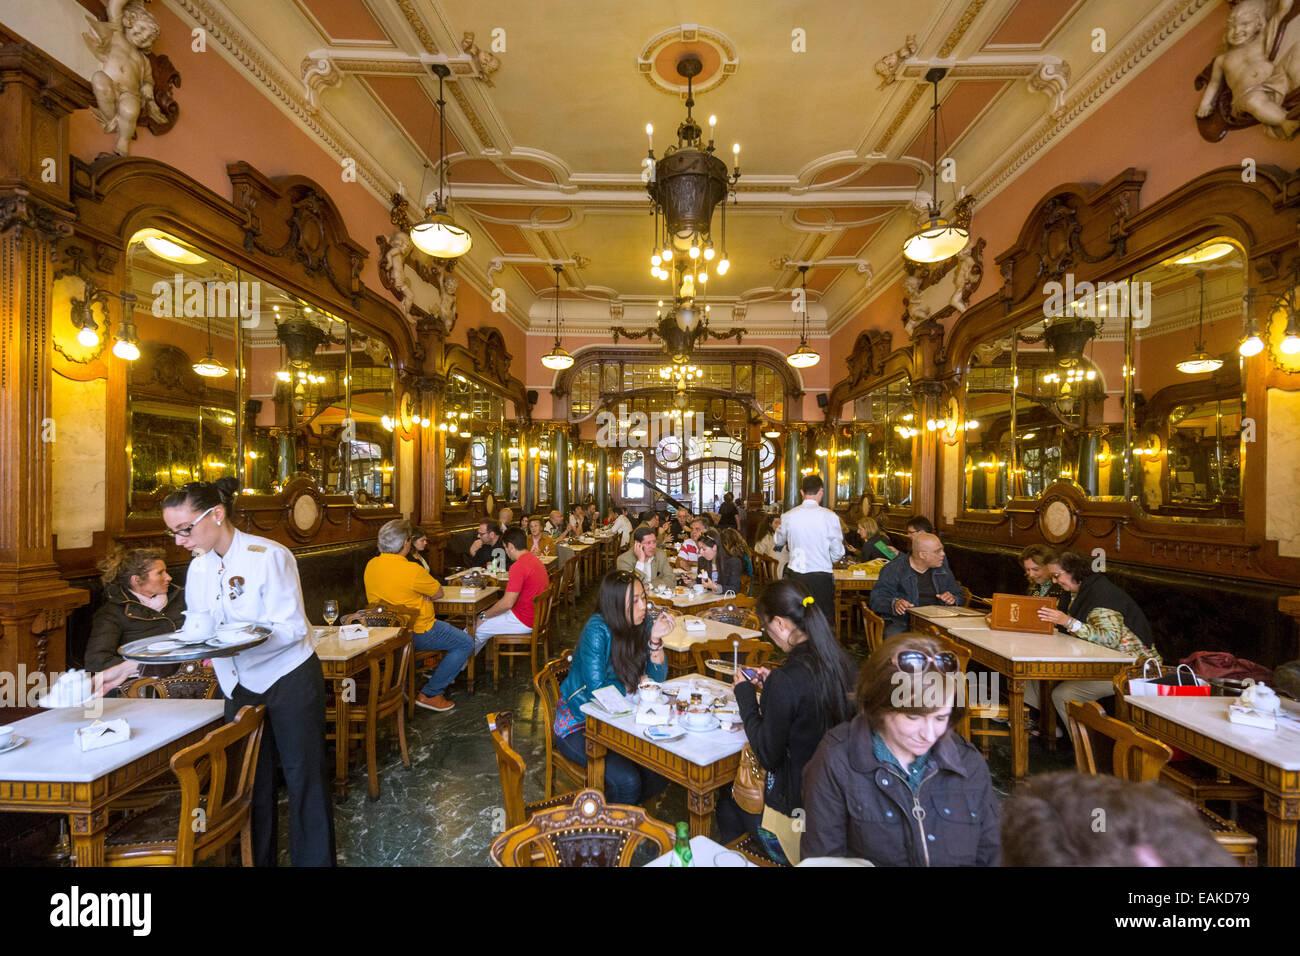 Café Majestic, Liberty cafe, Taverna Ristorante sala da pranzo, Porto, Distretto di Porto, Portogallo Immagini Stock